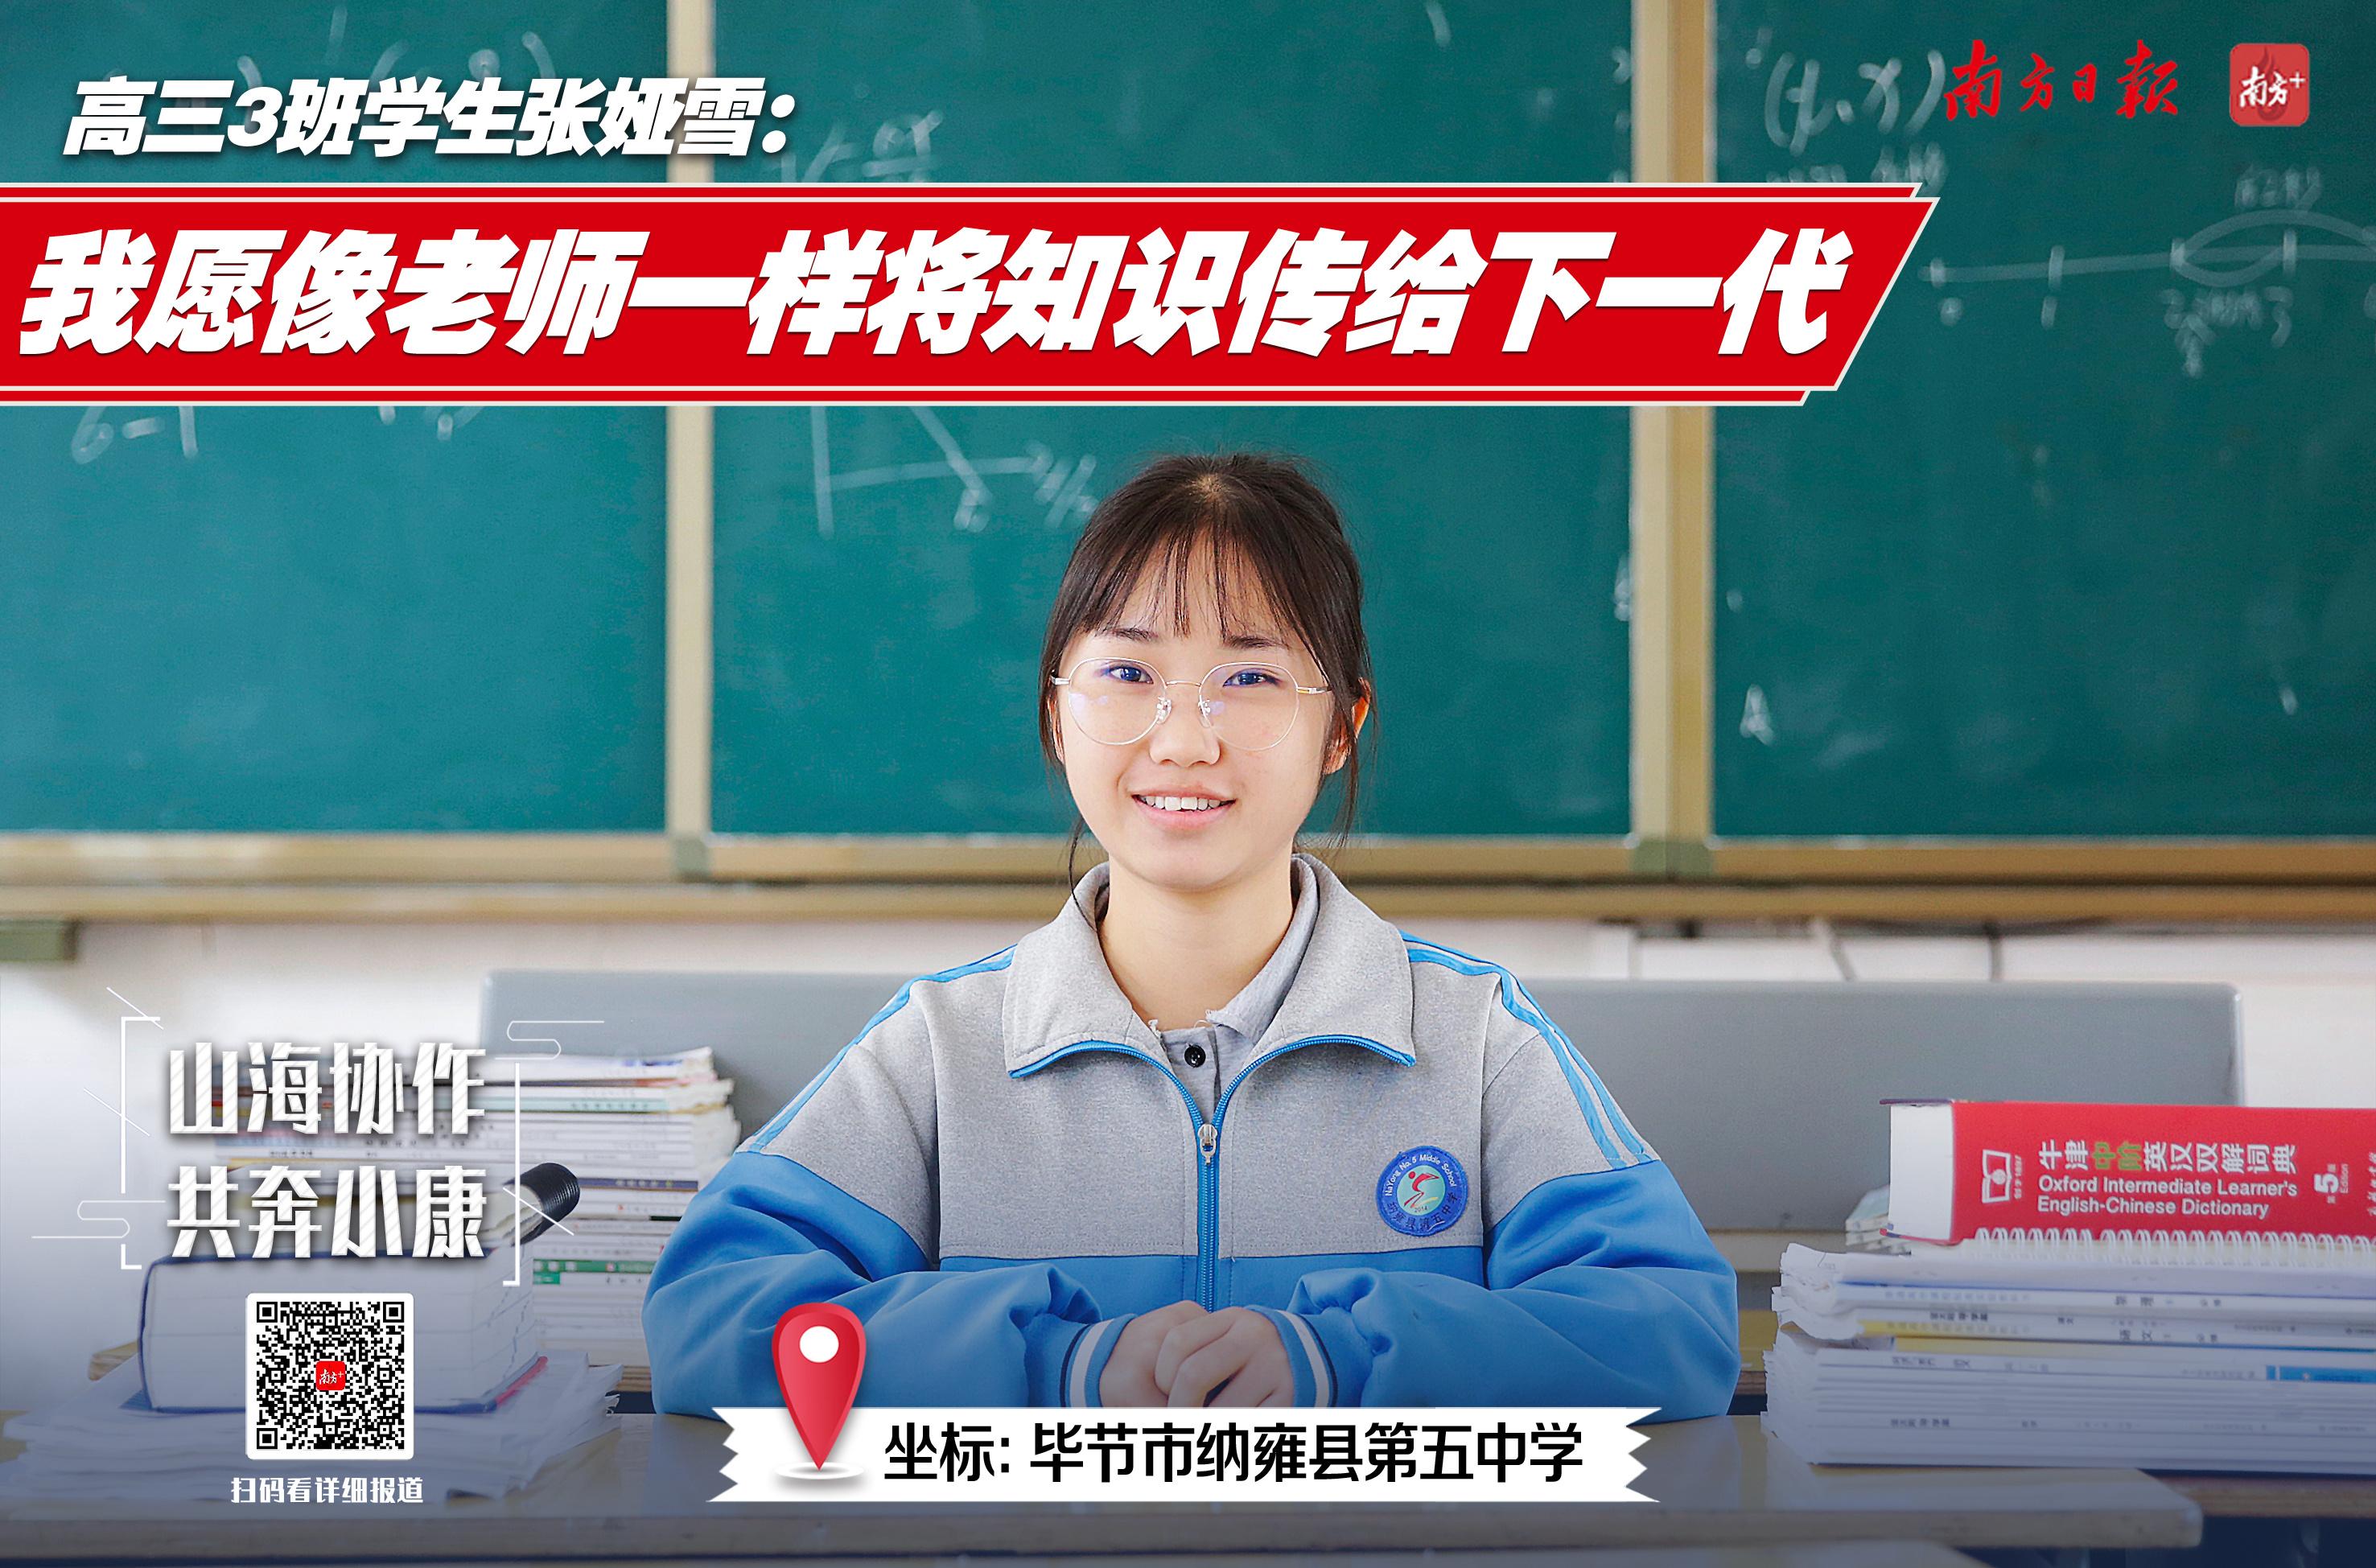 20张海报定格东西作协作感人瞬间,见证广州扶贫力量!